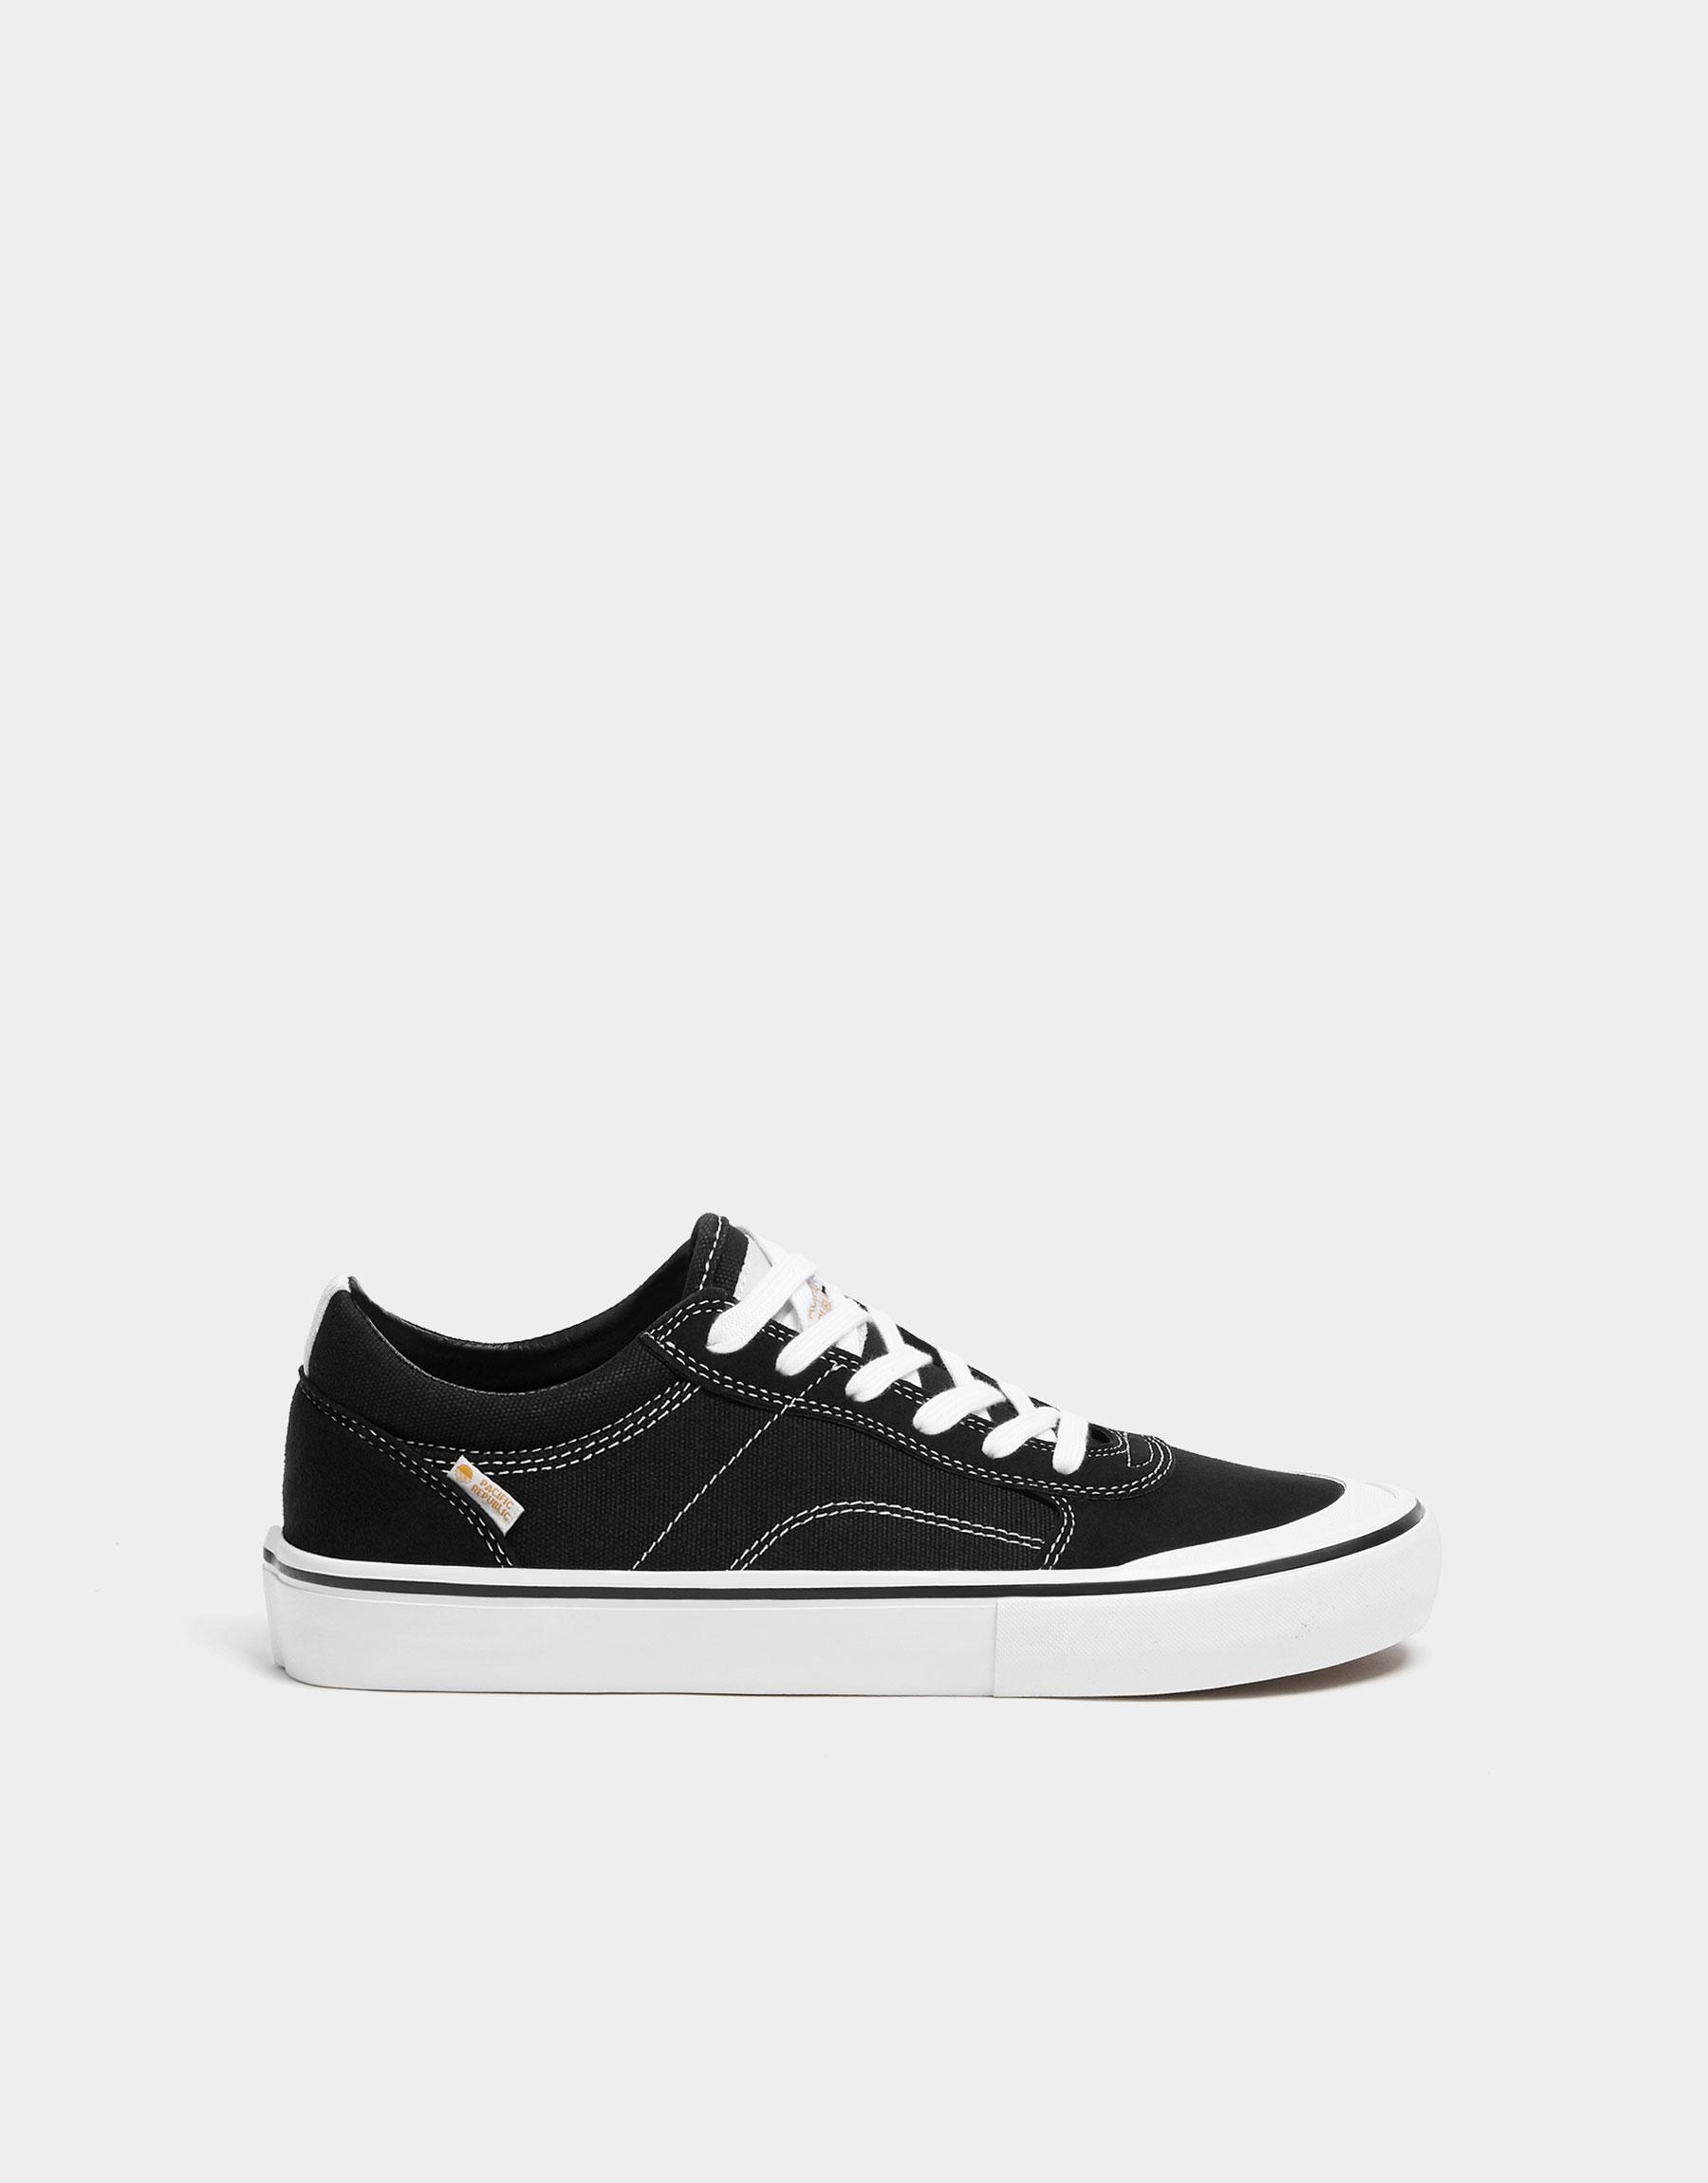 f6ec0e753325 Teen black sneakers. Pullbear Pullbear. 39.90 15.90